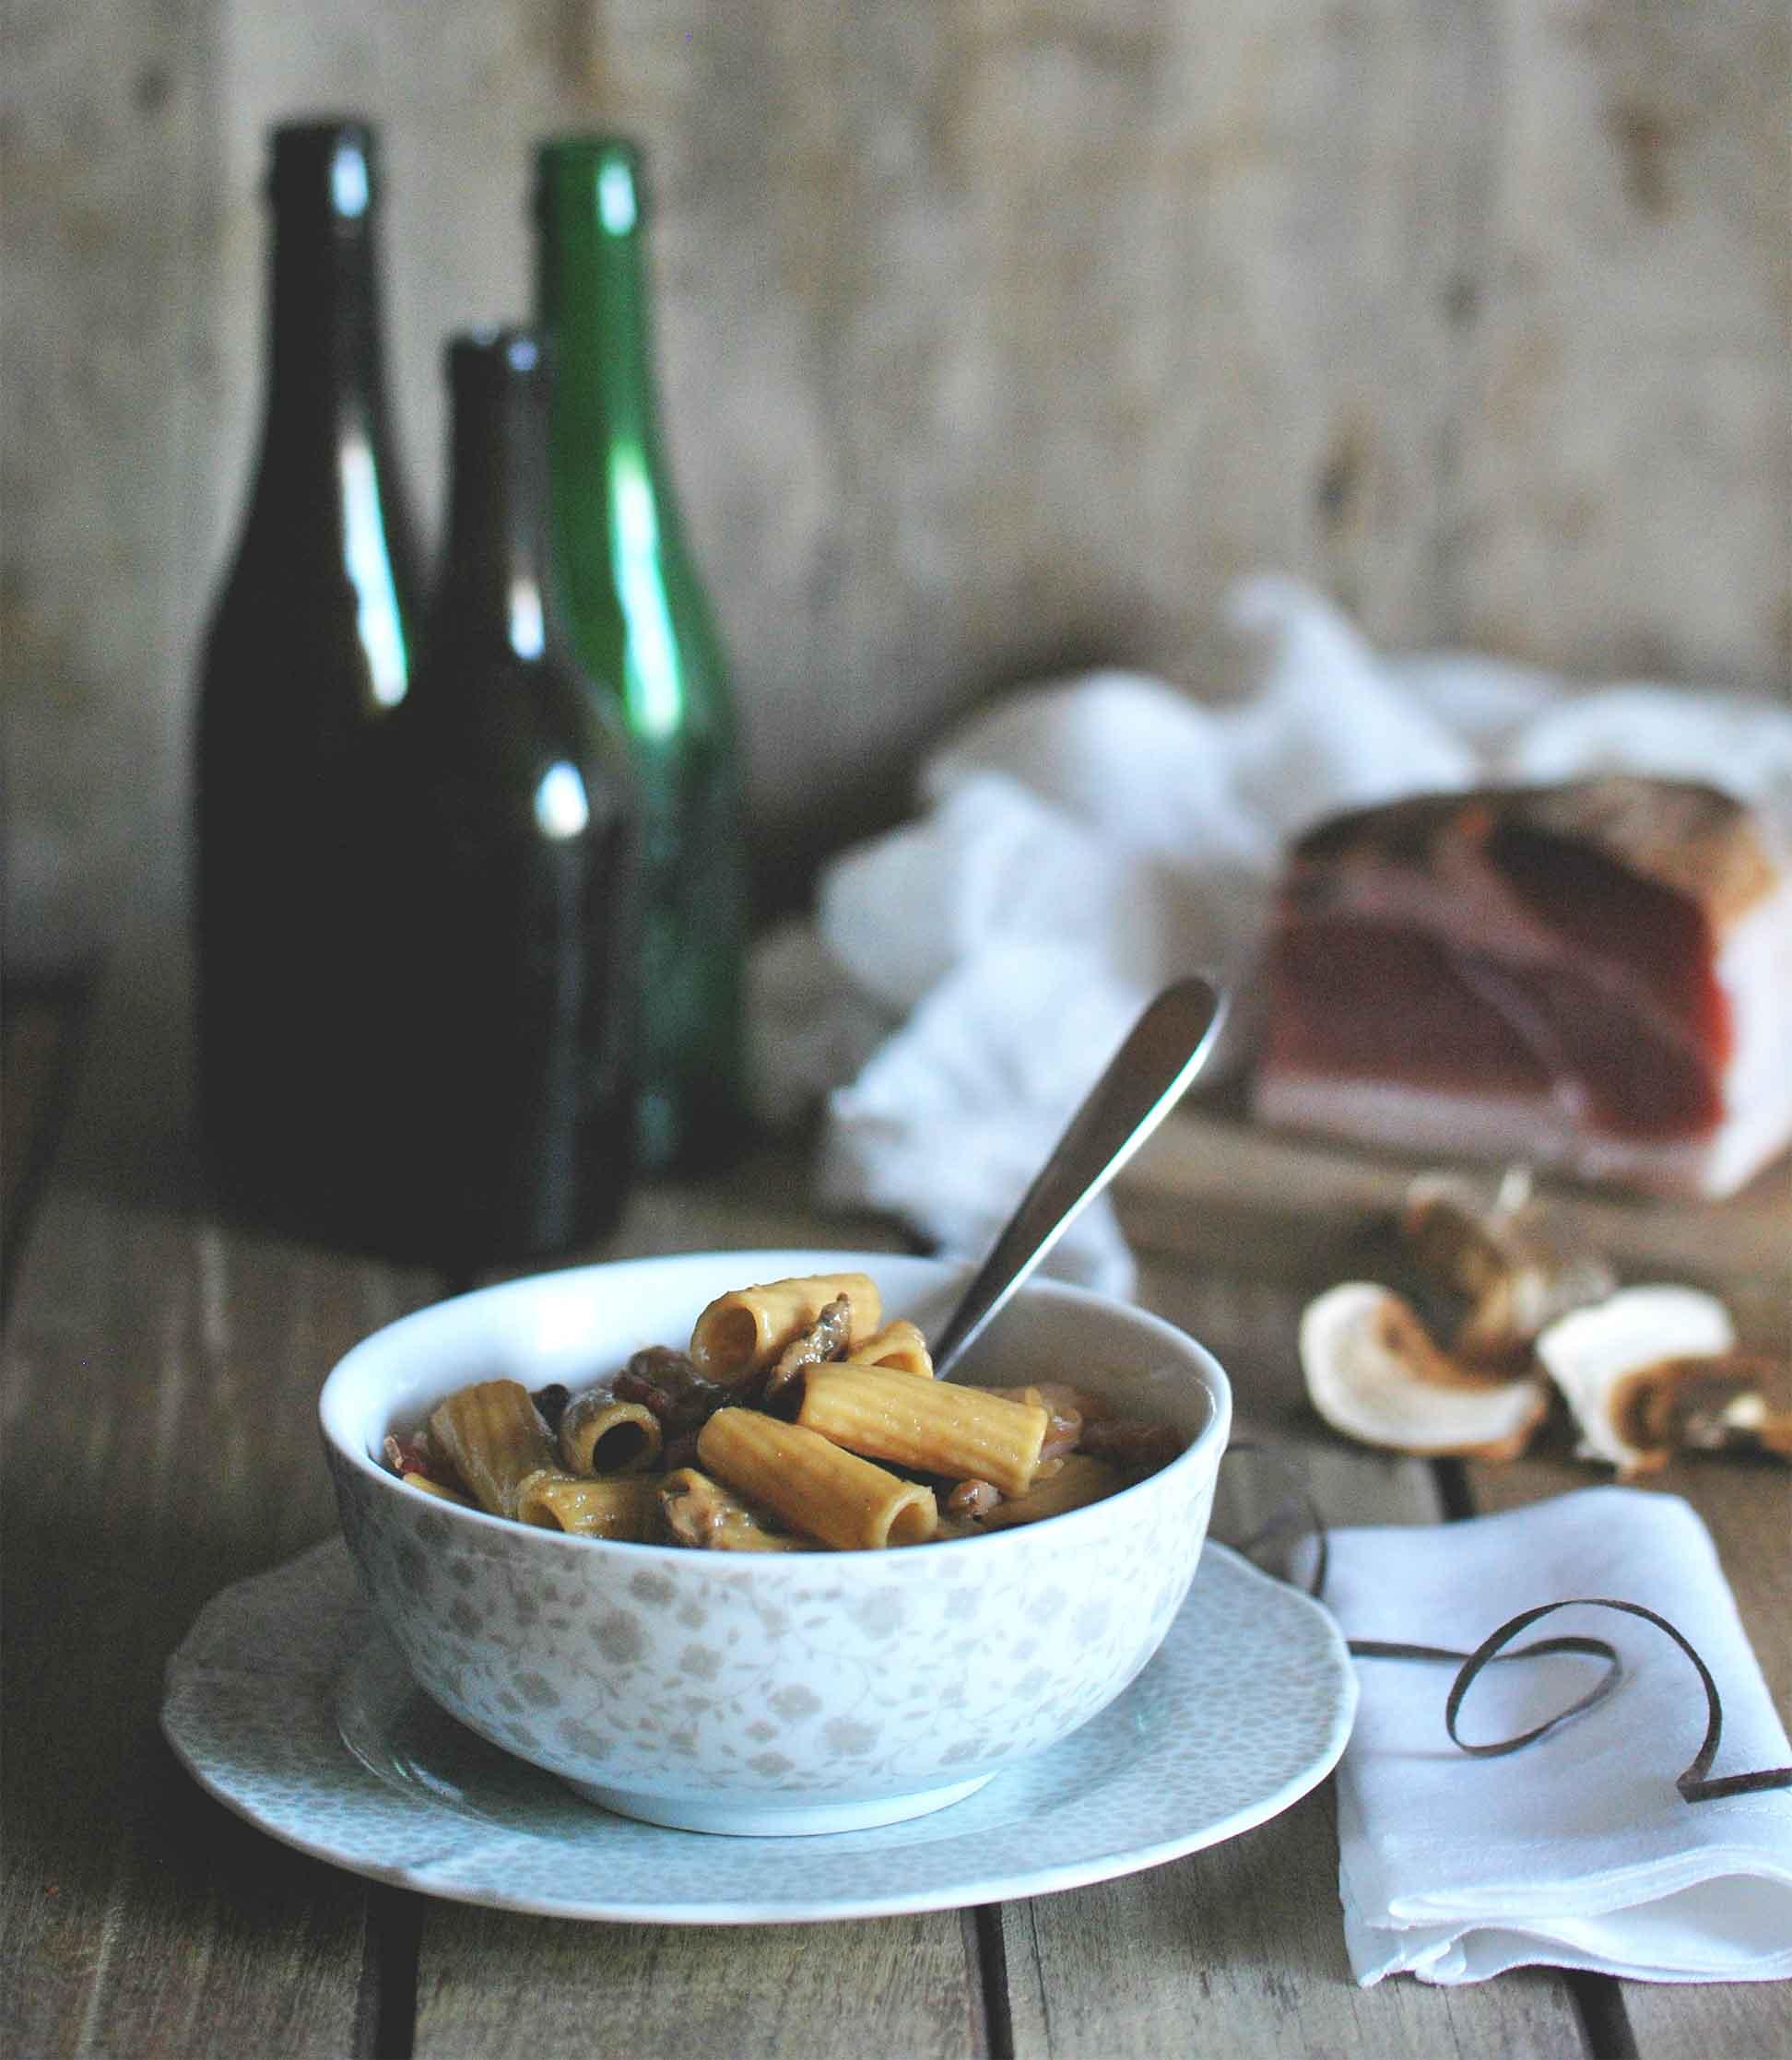 La food blogger Elena Levati prepara la One Pot Pasta con cipolle, speck e funghi, usando solo una padella.